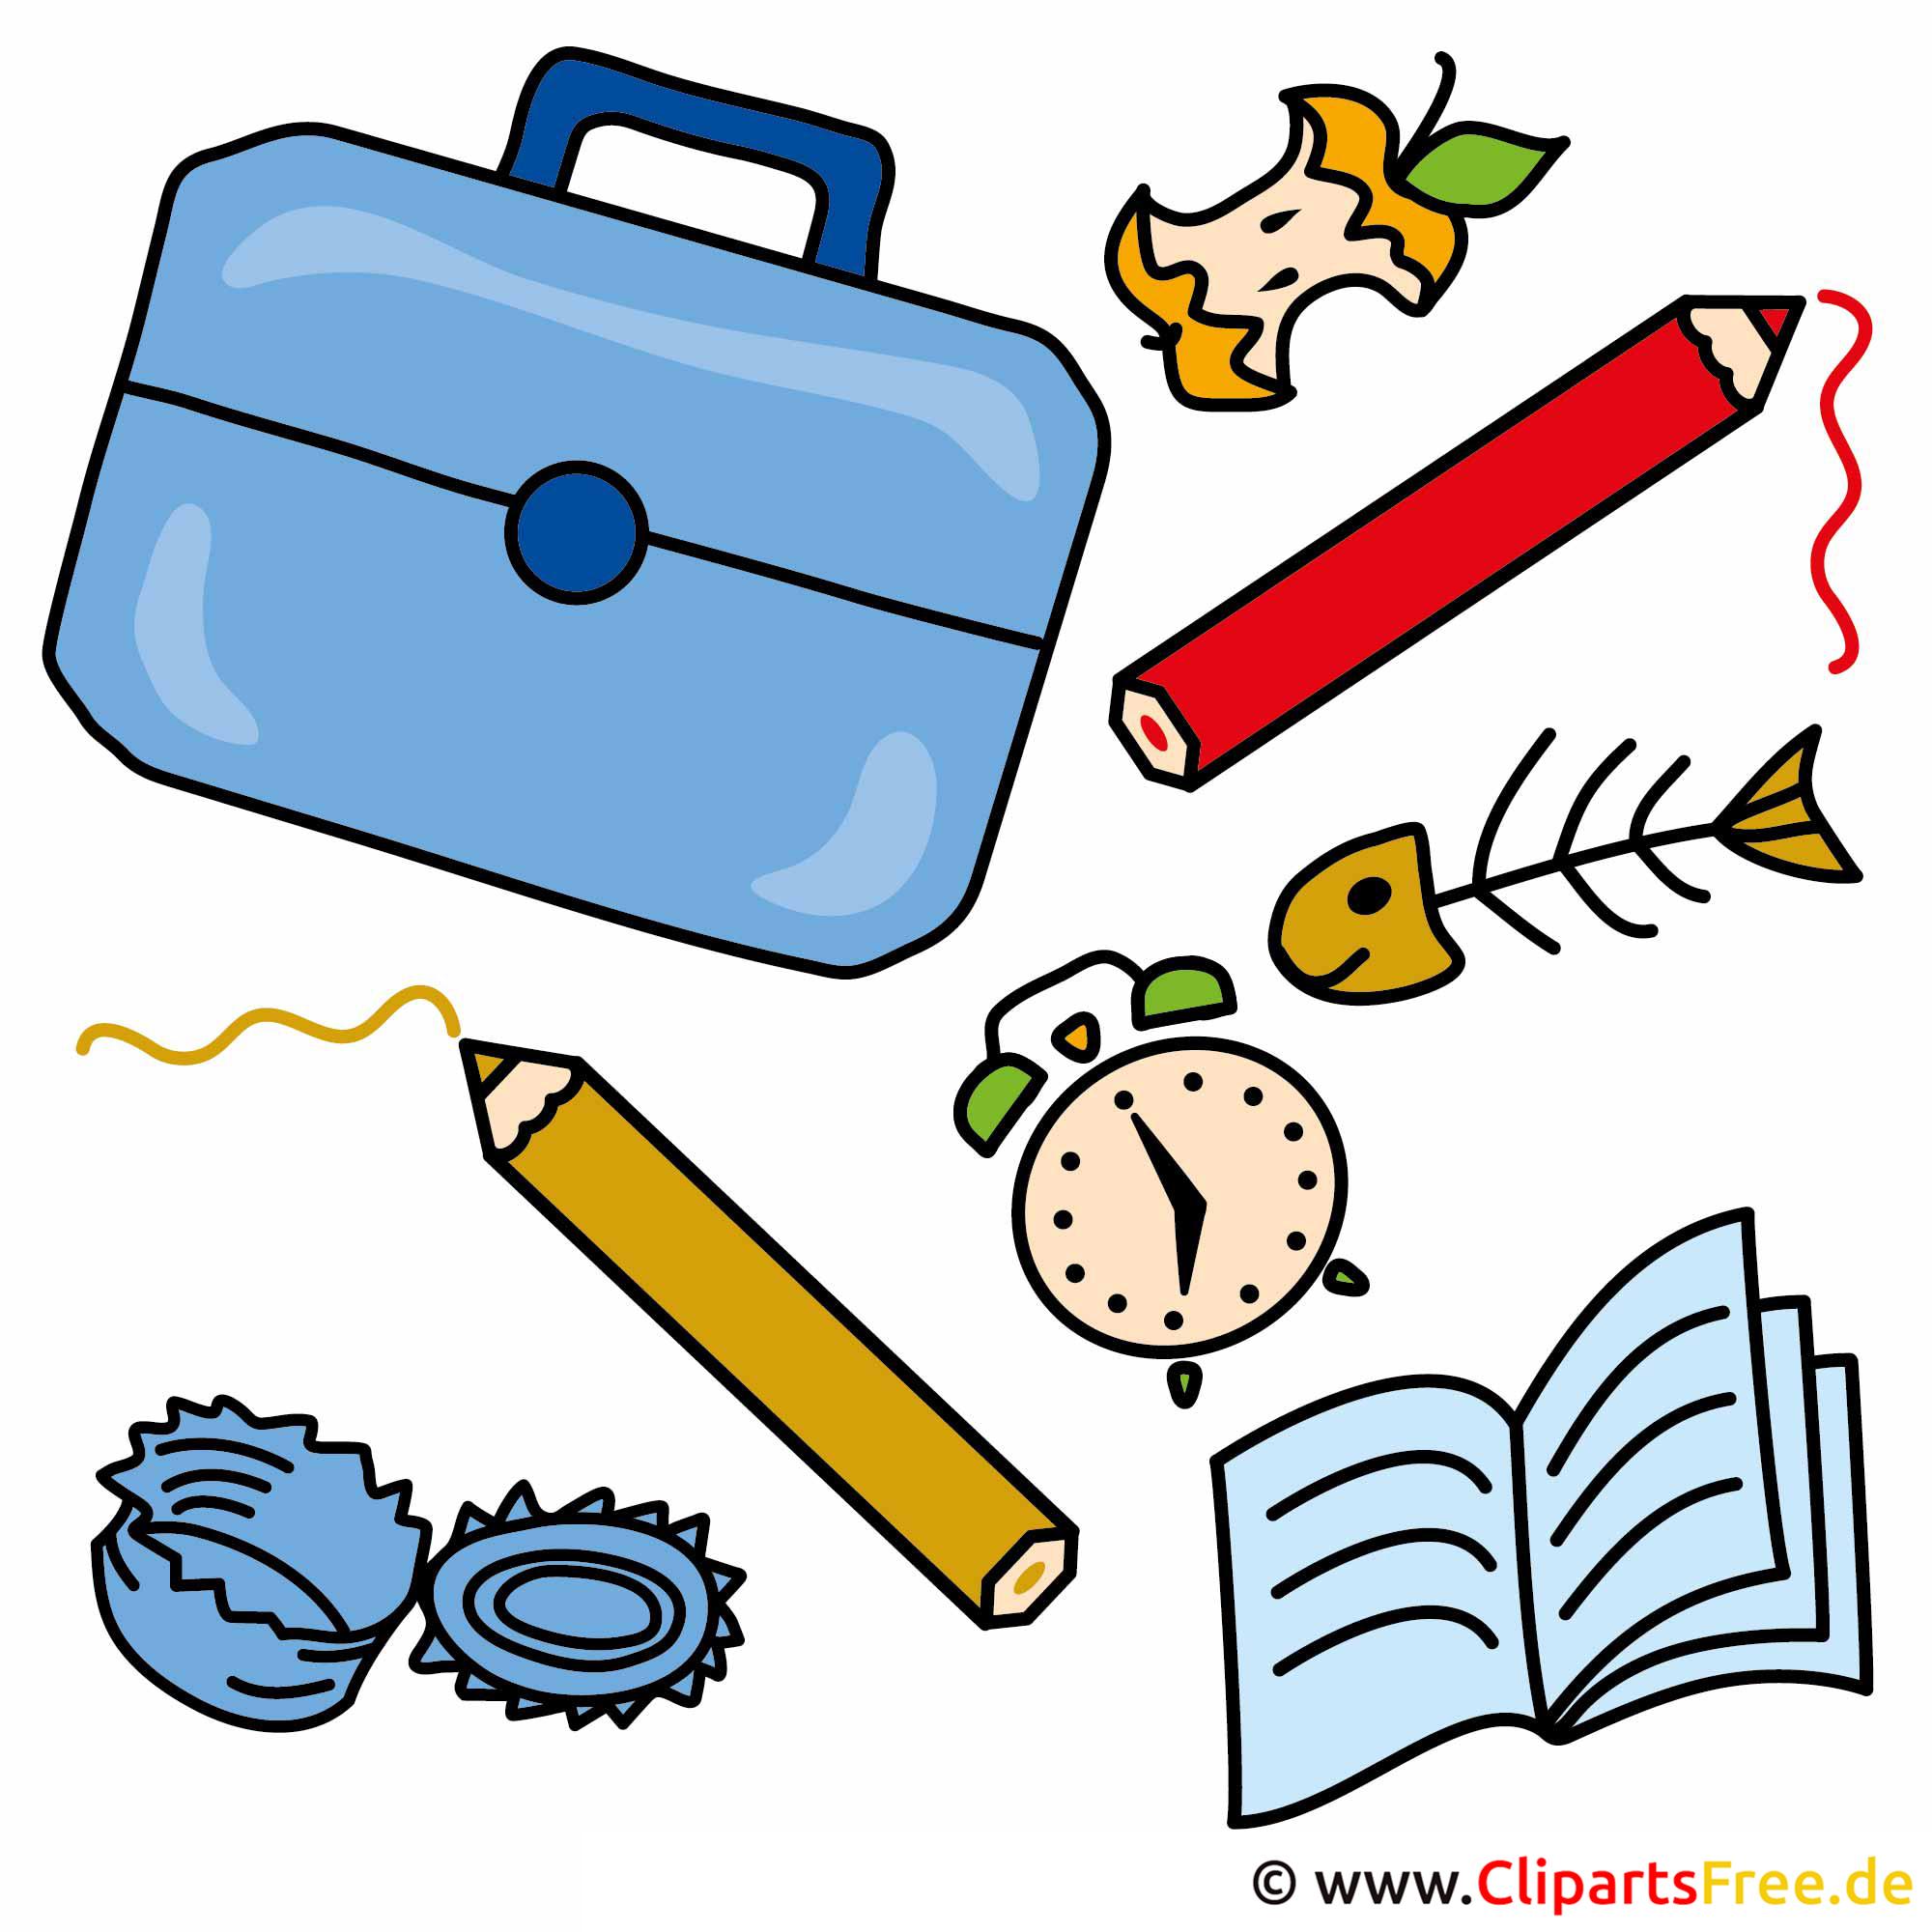 schulbilder kostenlos schule cliparts kindergarten clip art free images kindergarten clipart free download